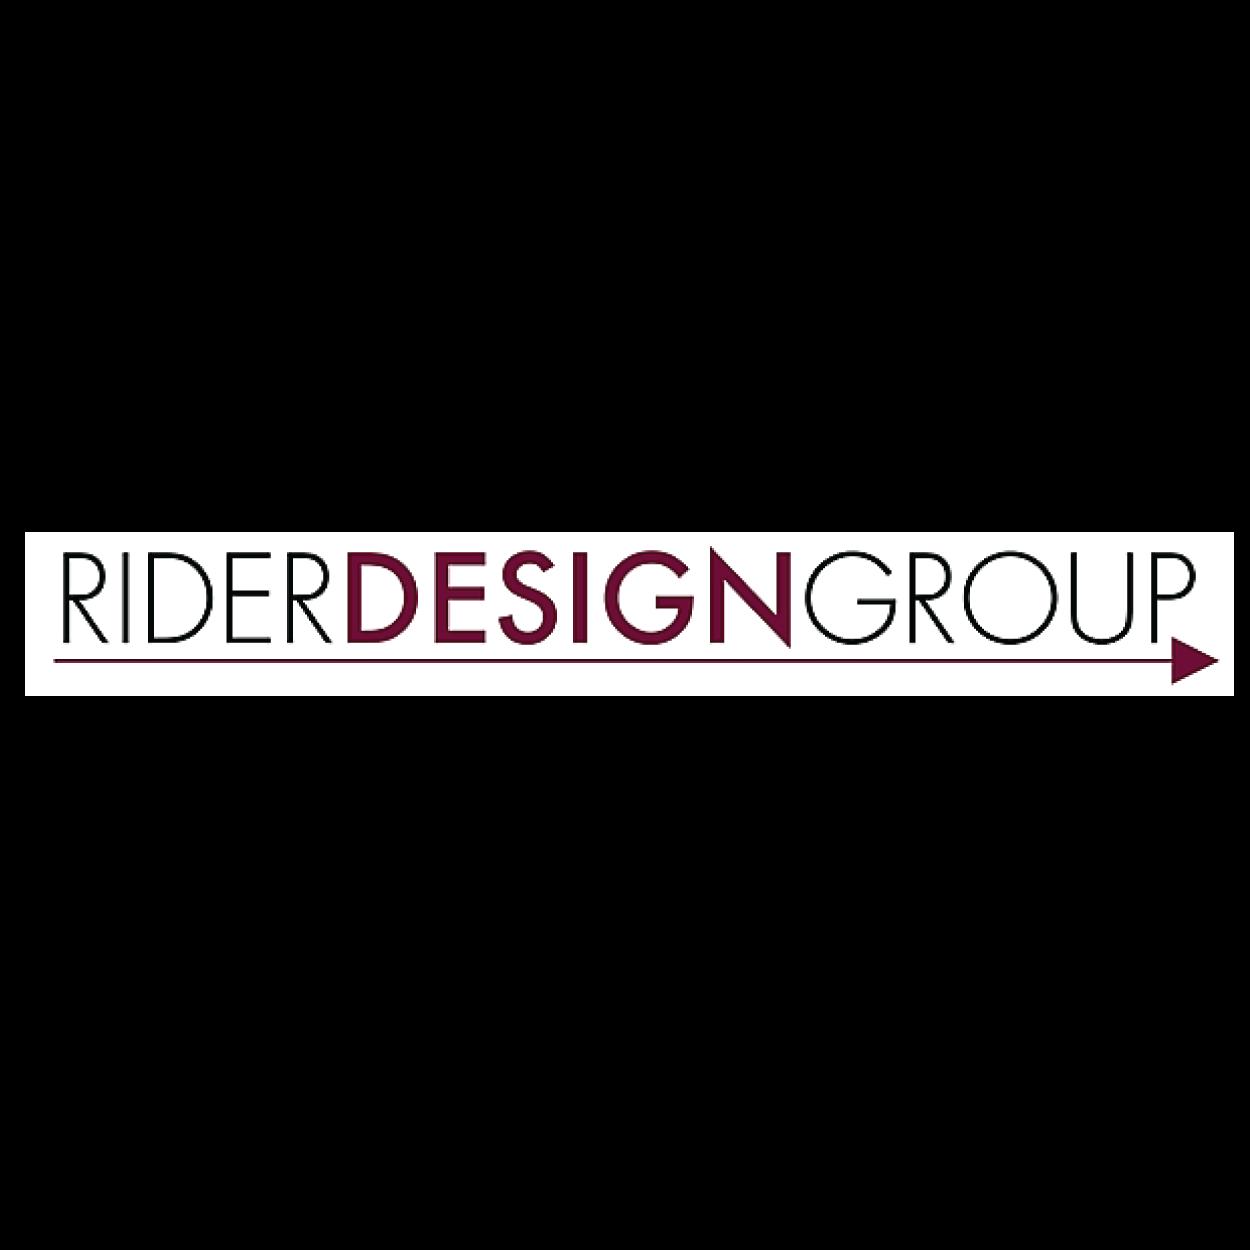 riderdesign_logo-01.png